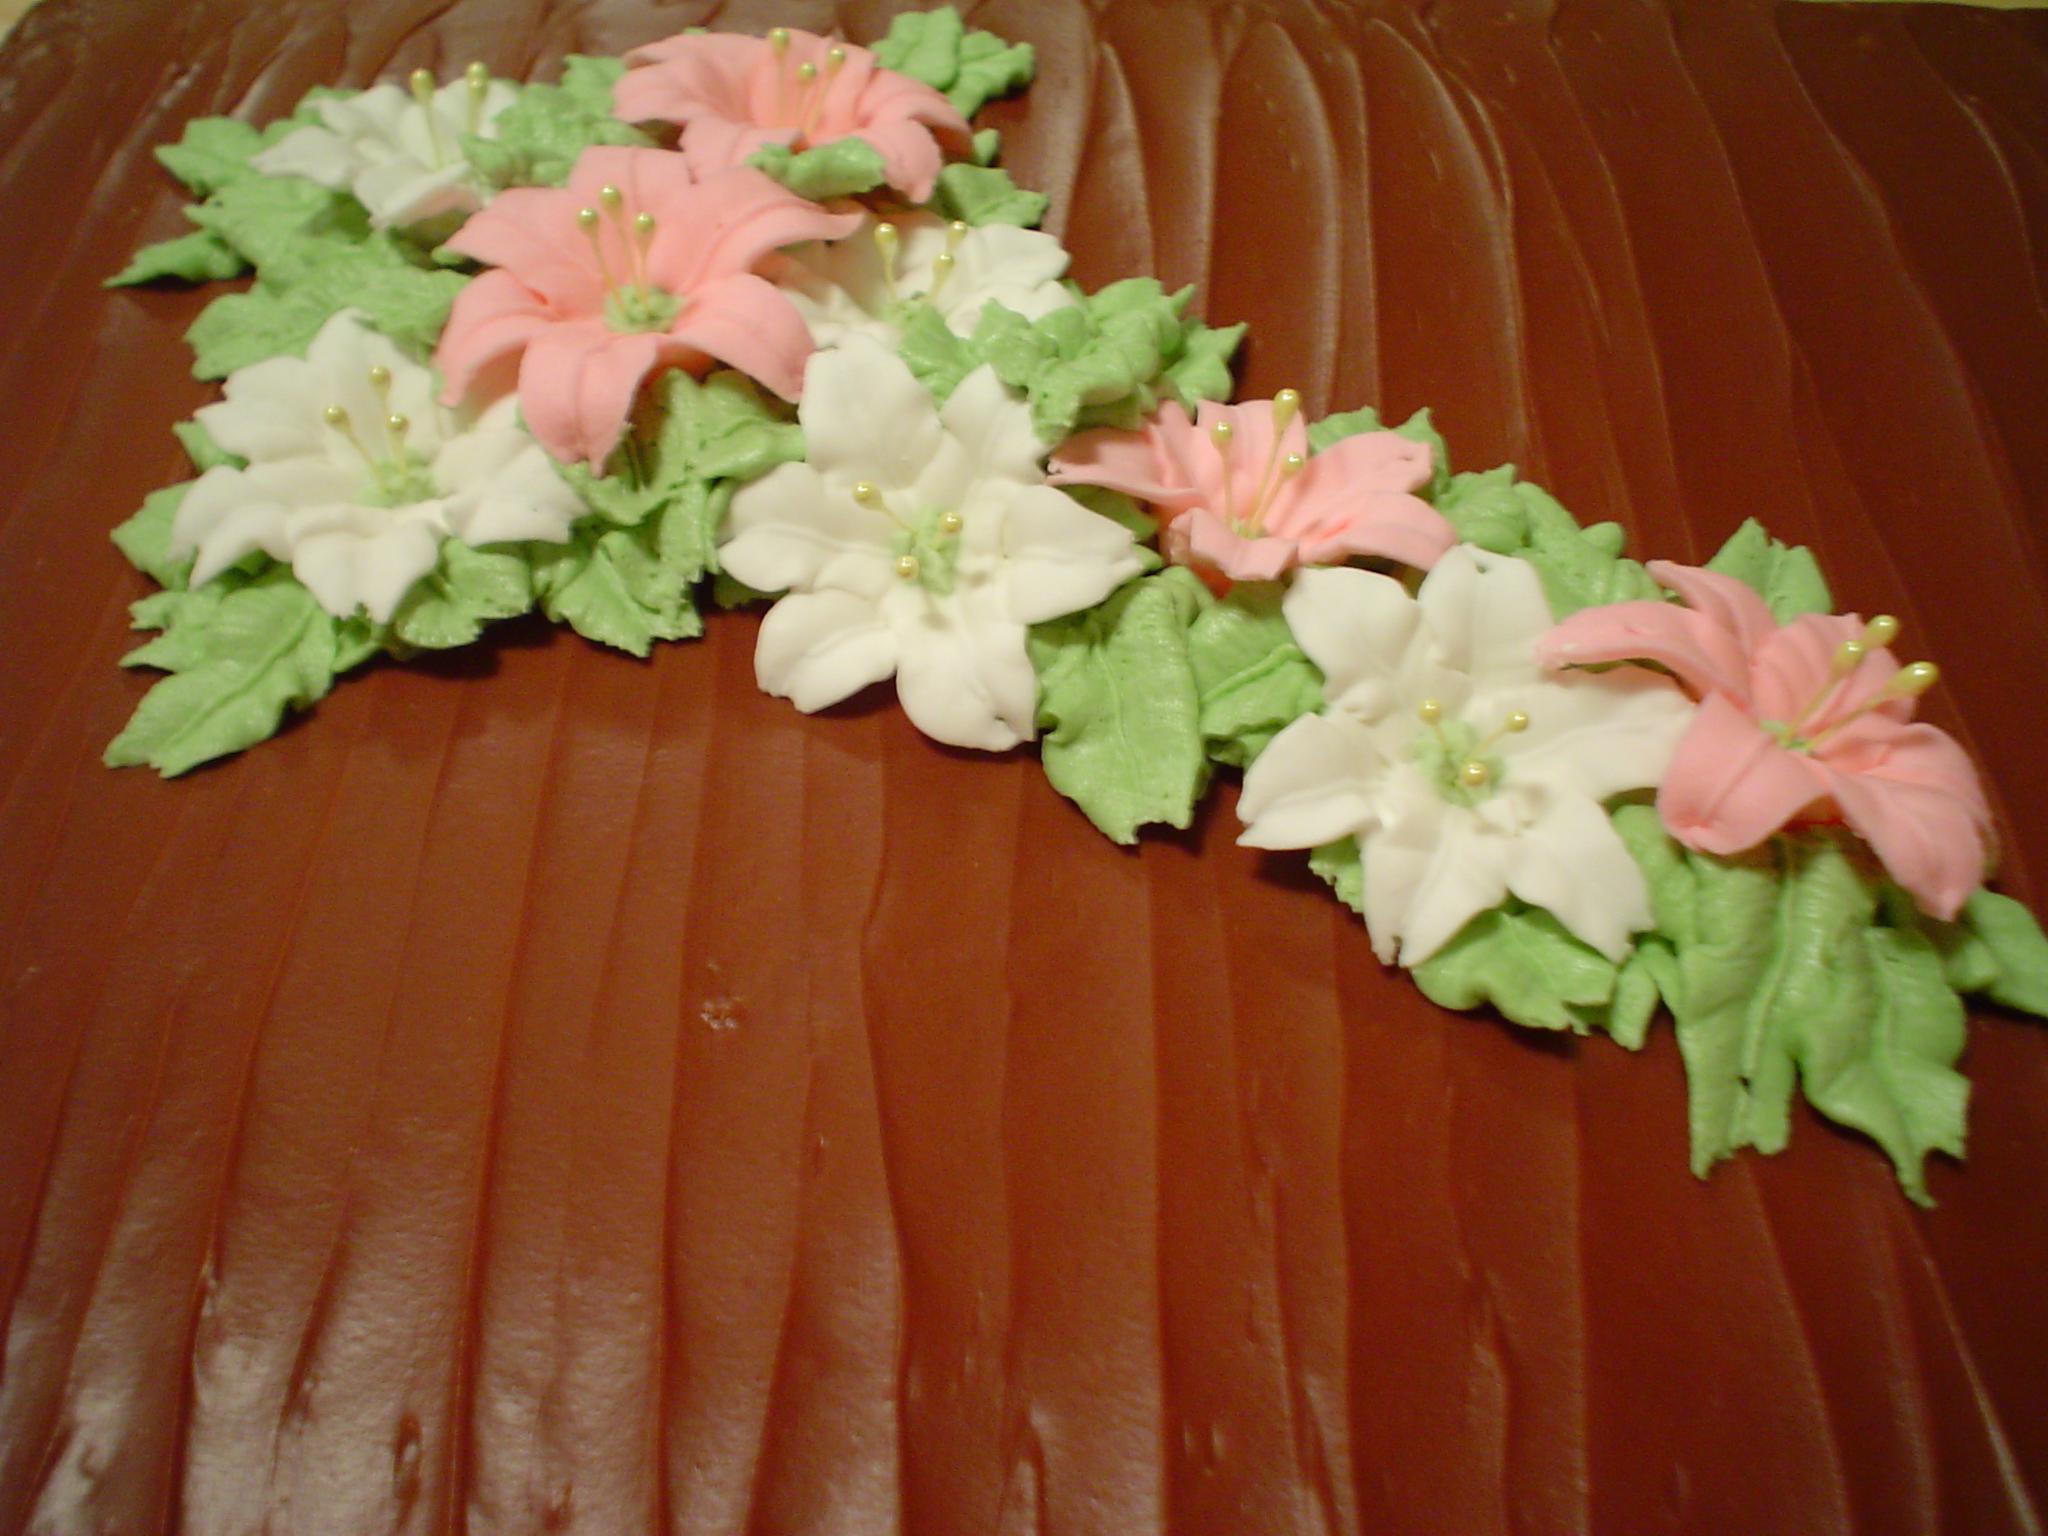 christening_cake_007.JPG